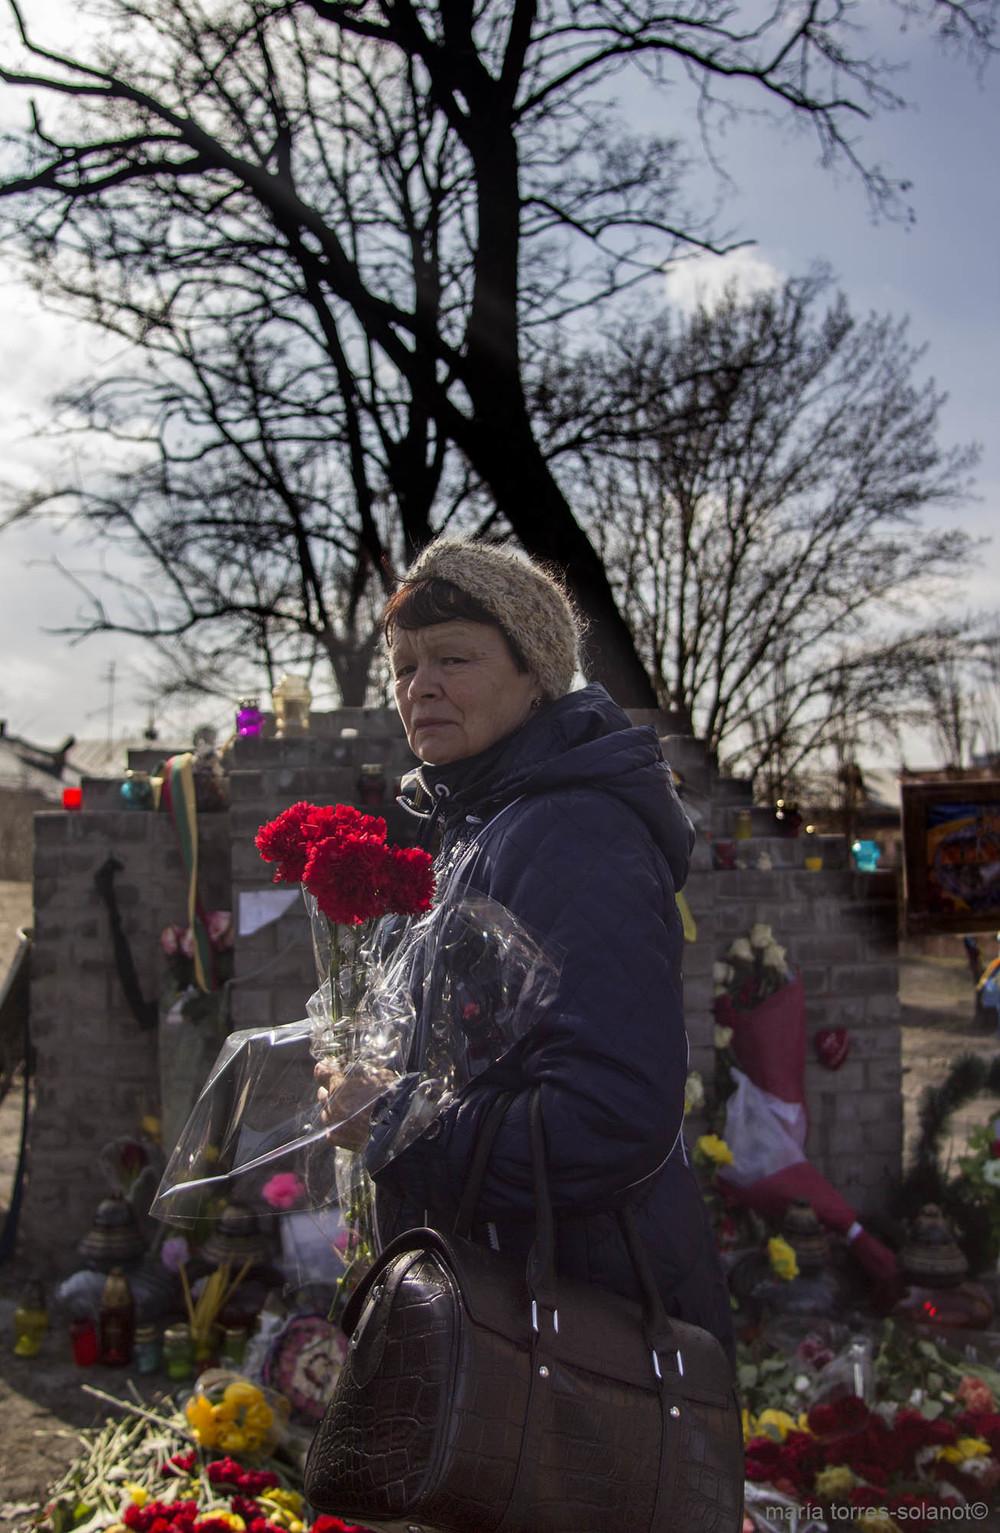 Tatiana deja un ramo de flores en uno de los altares homenaje a las víctimas del Maidan de Kiev, (Ucrania). Foto: María Torres-Solanot ©